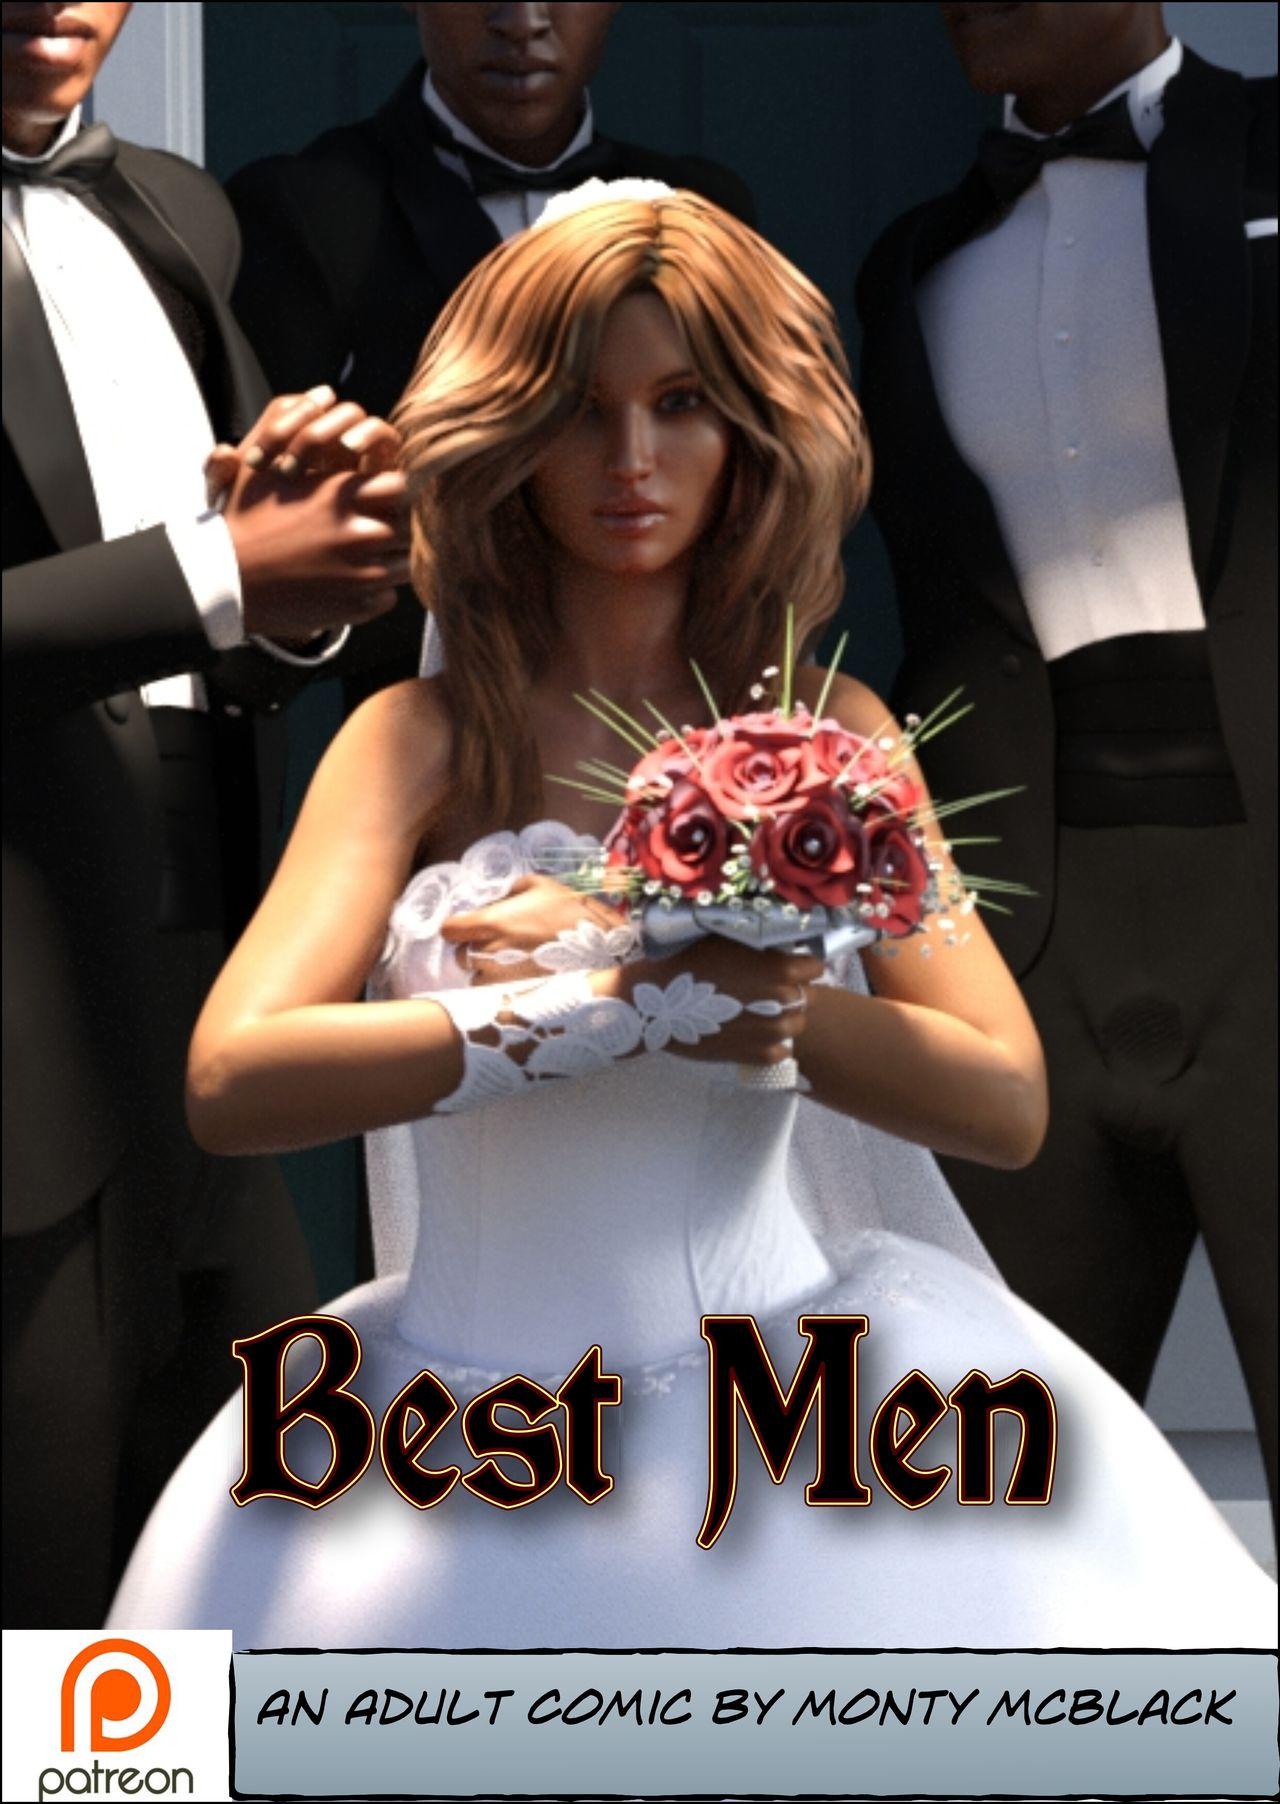 Best Men- Monty Mcblack image 1